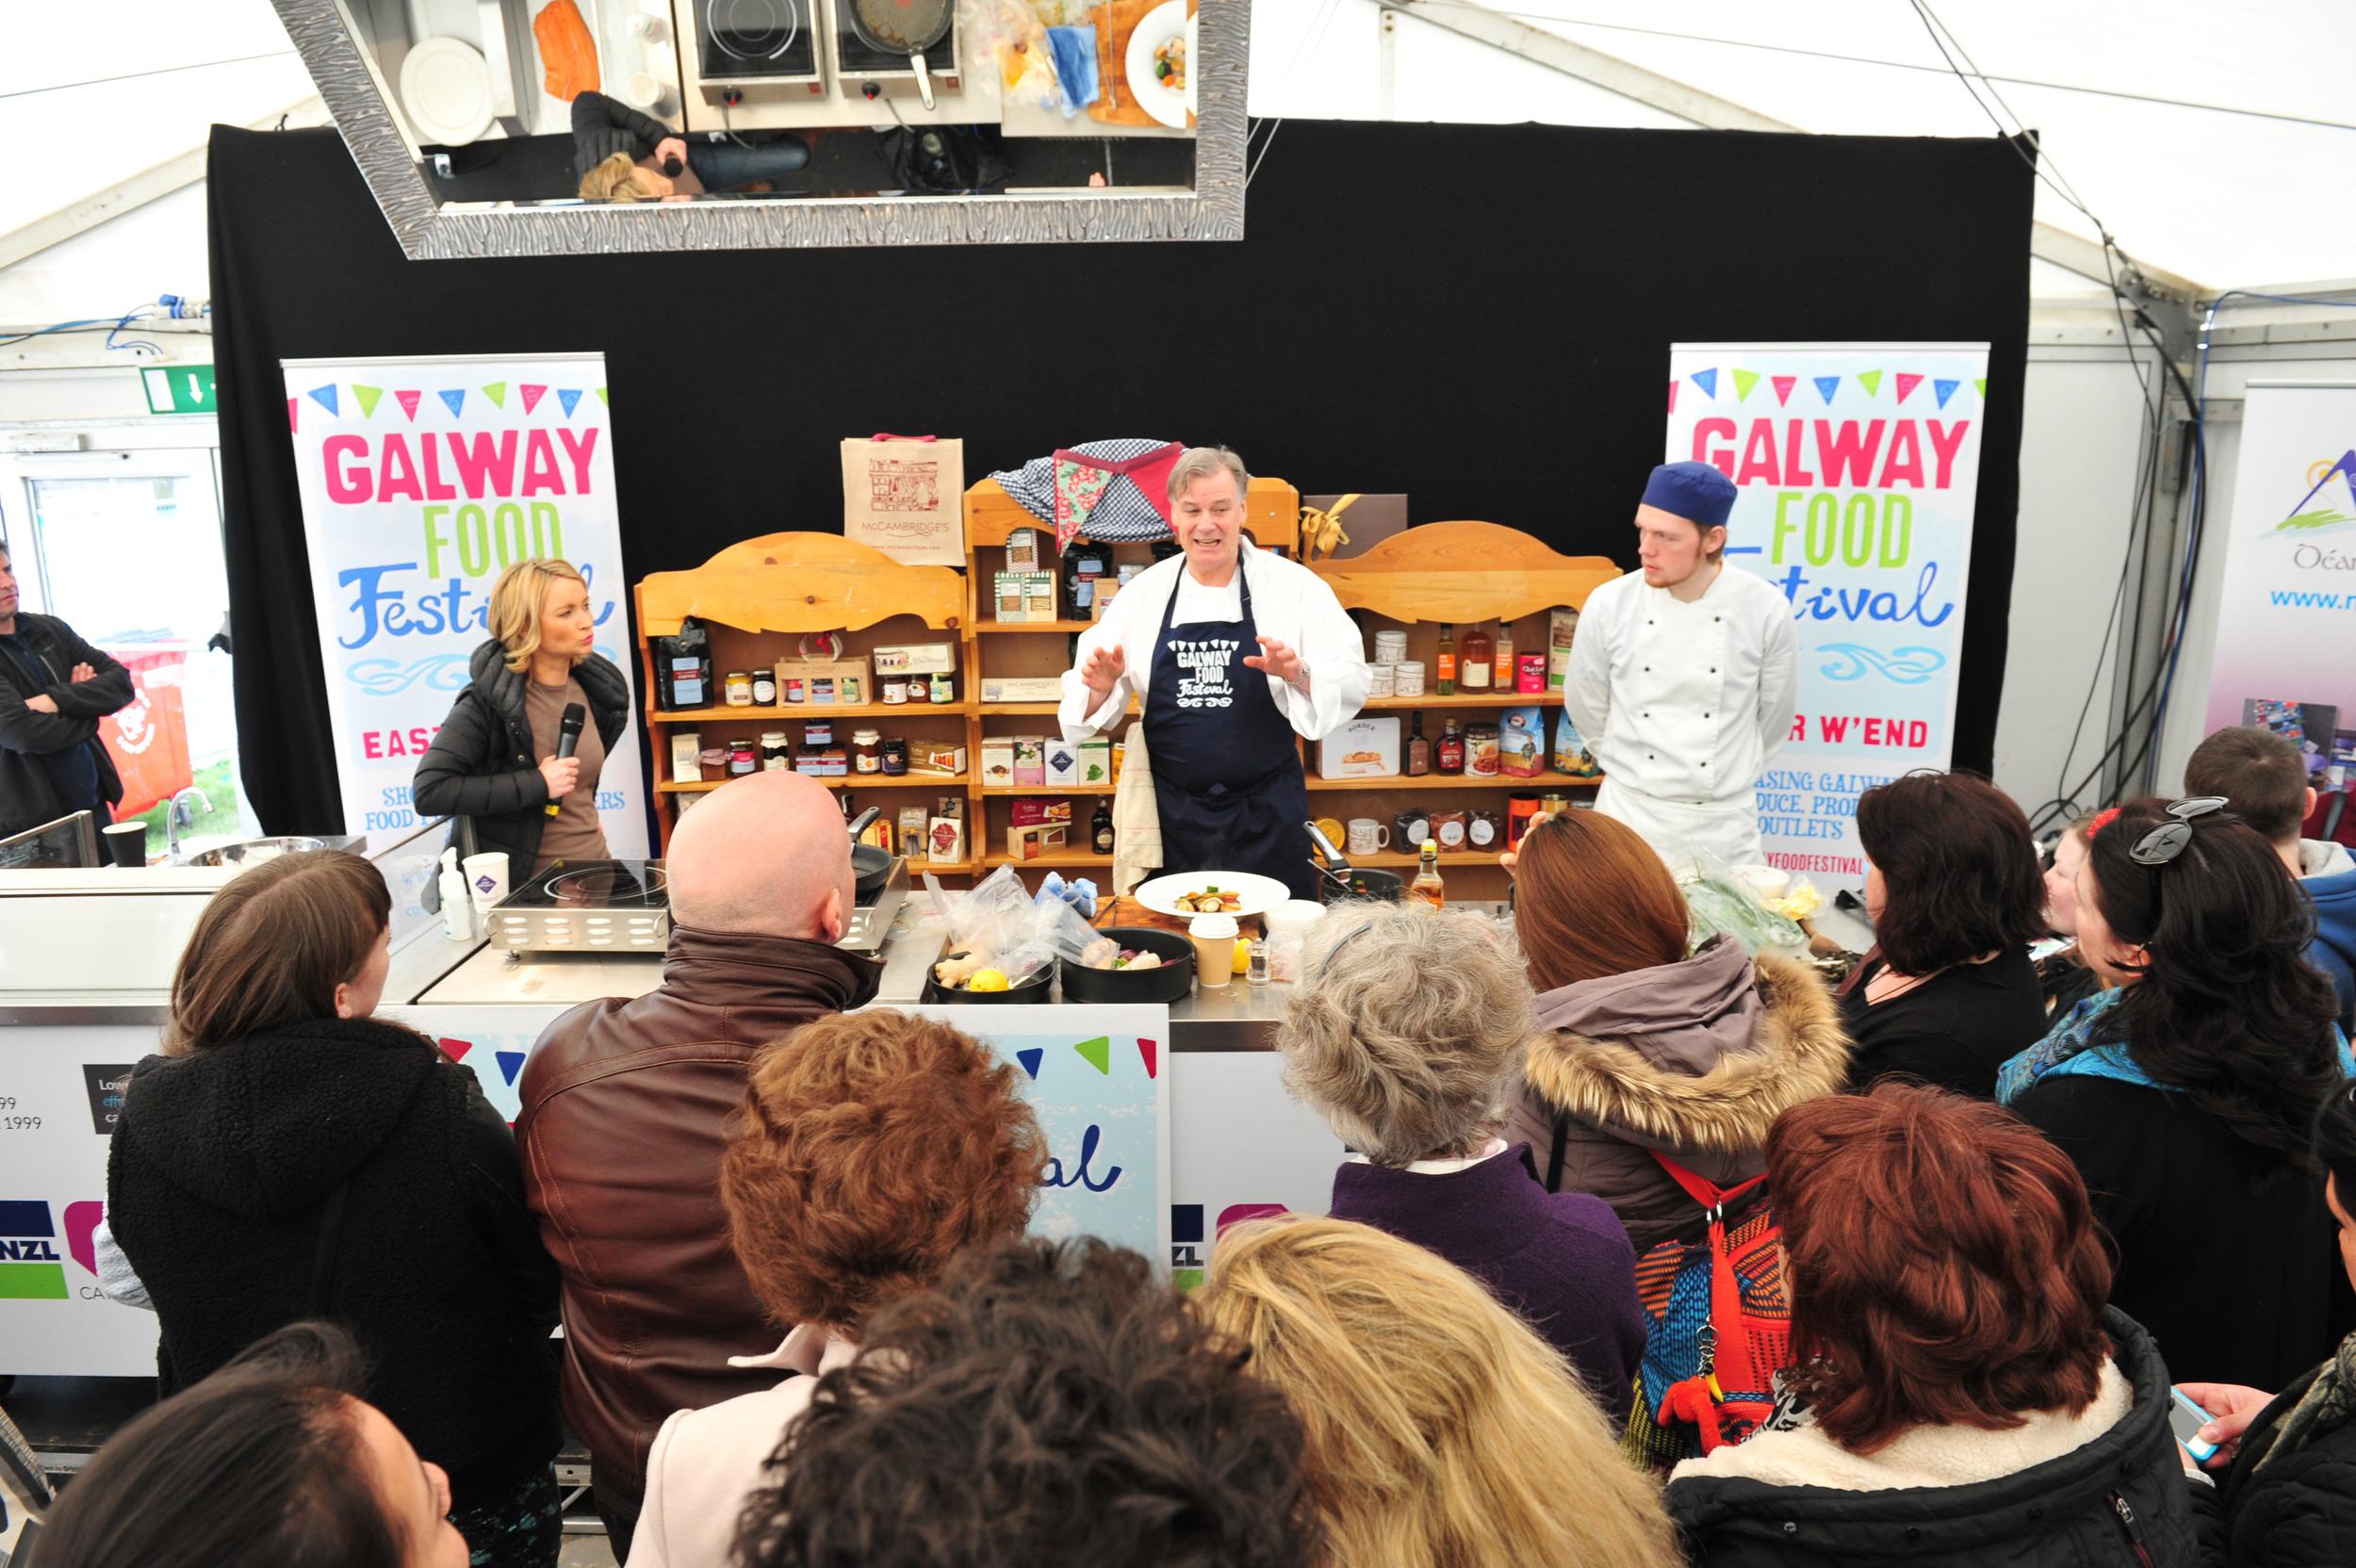 Galway Food Festival 2015 All-144.jpg